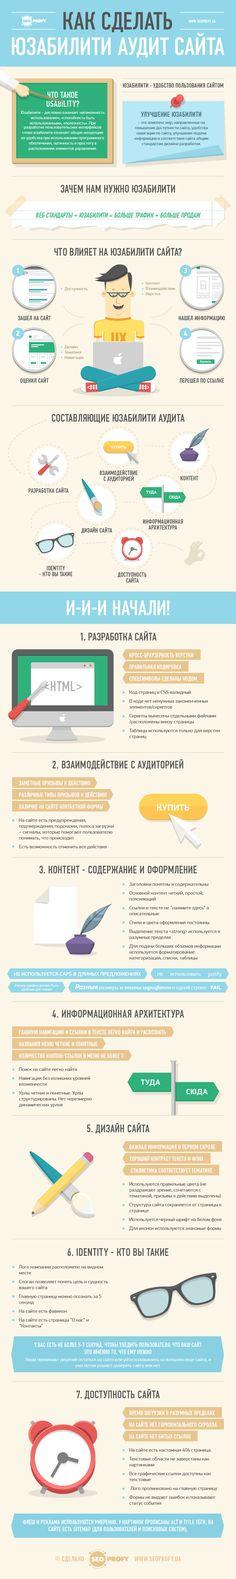 Как сделать интернет тестирование